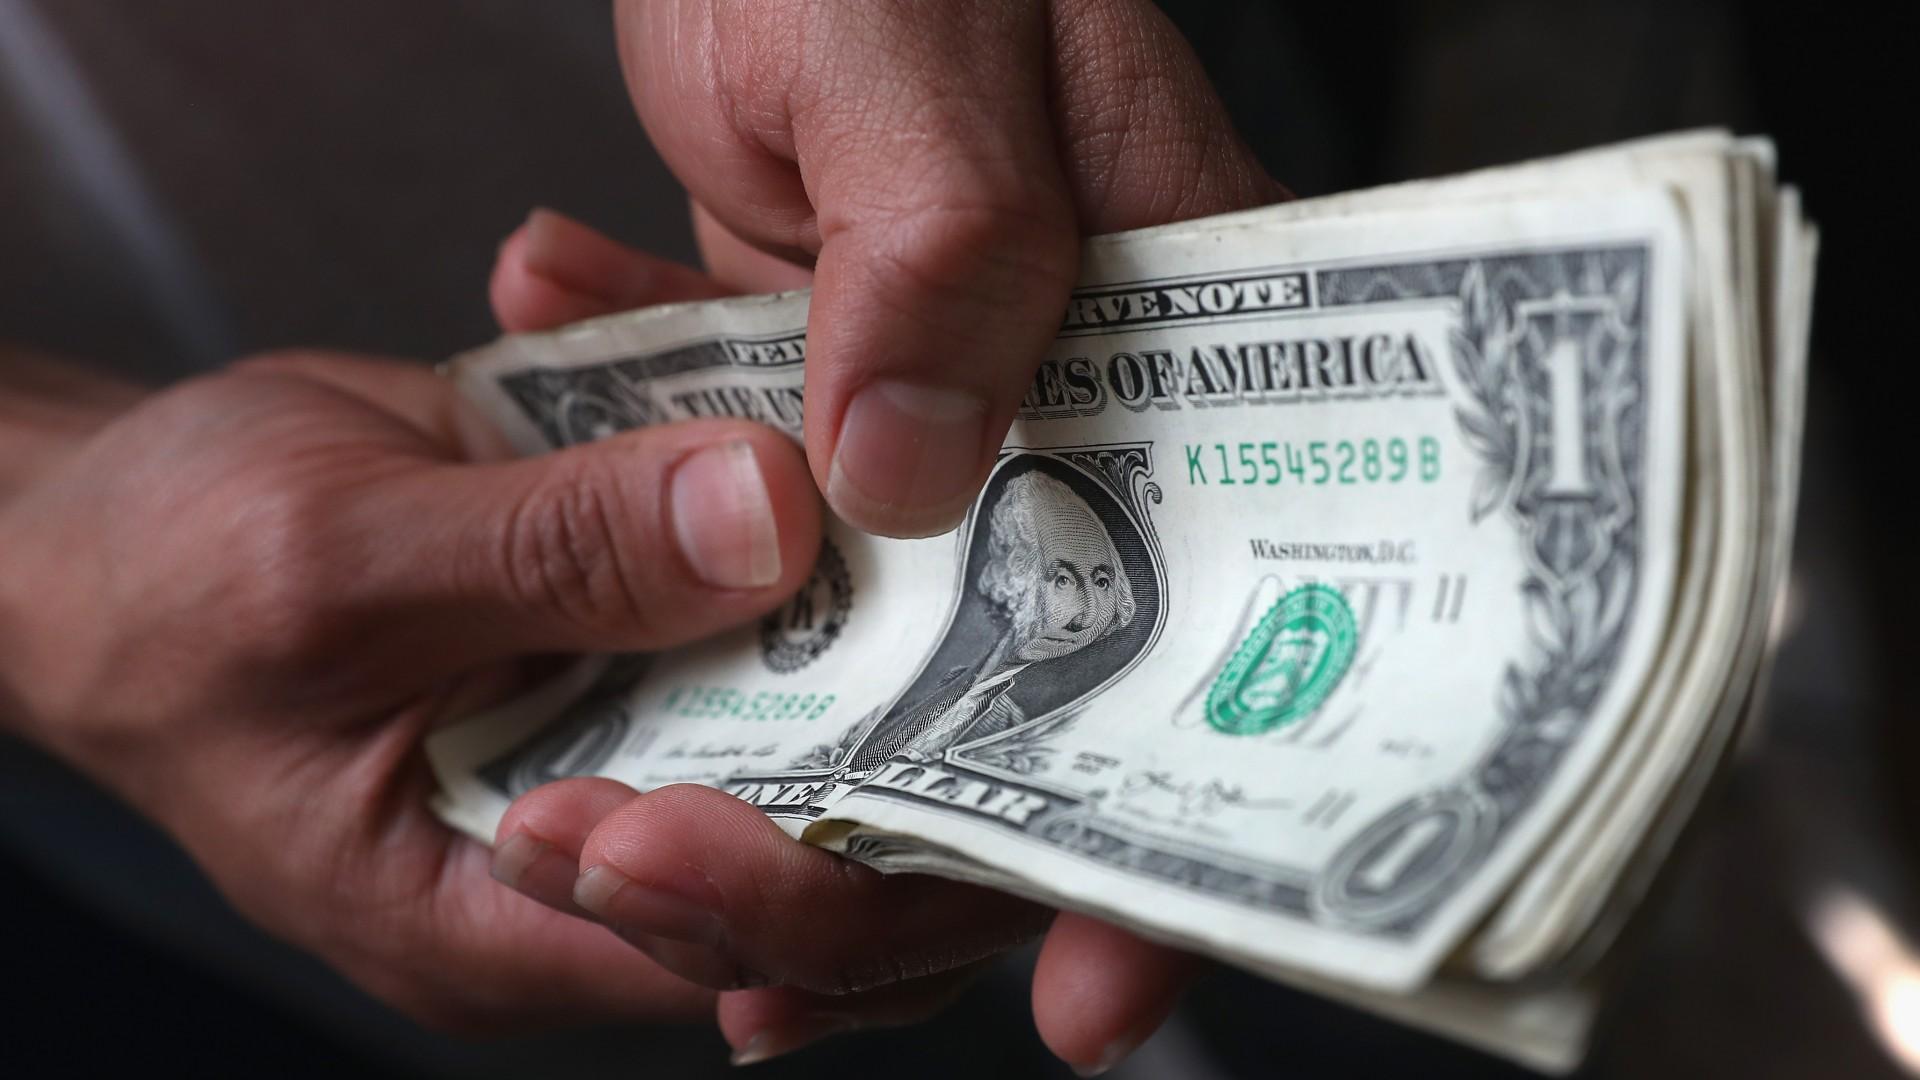 image Secretario solicita por aumento de salarios 2